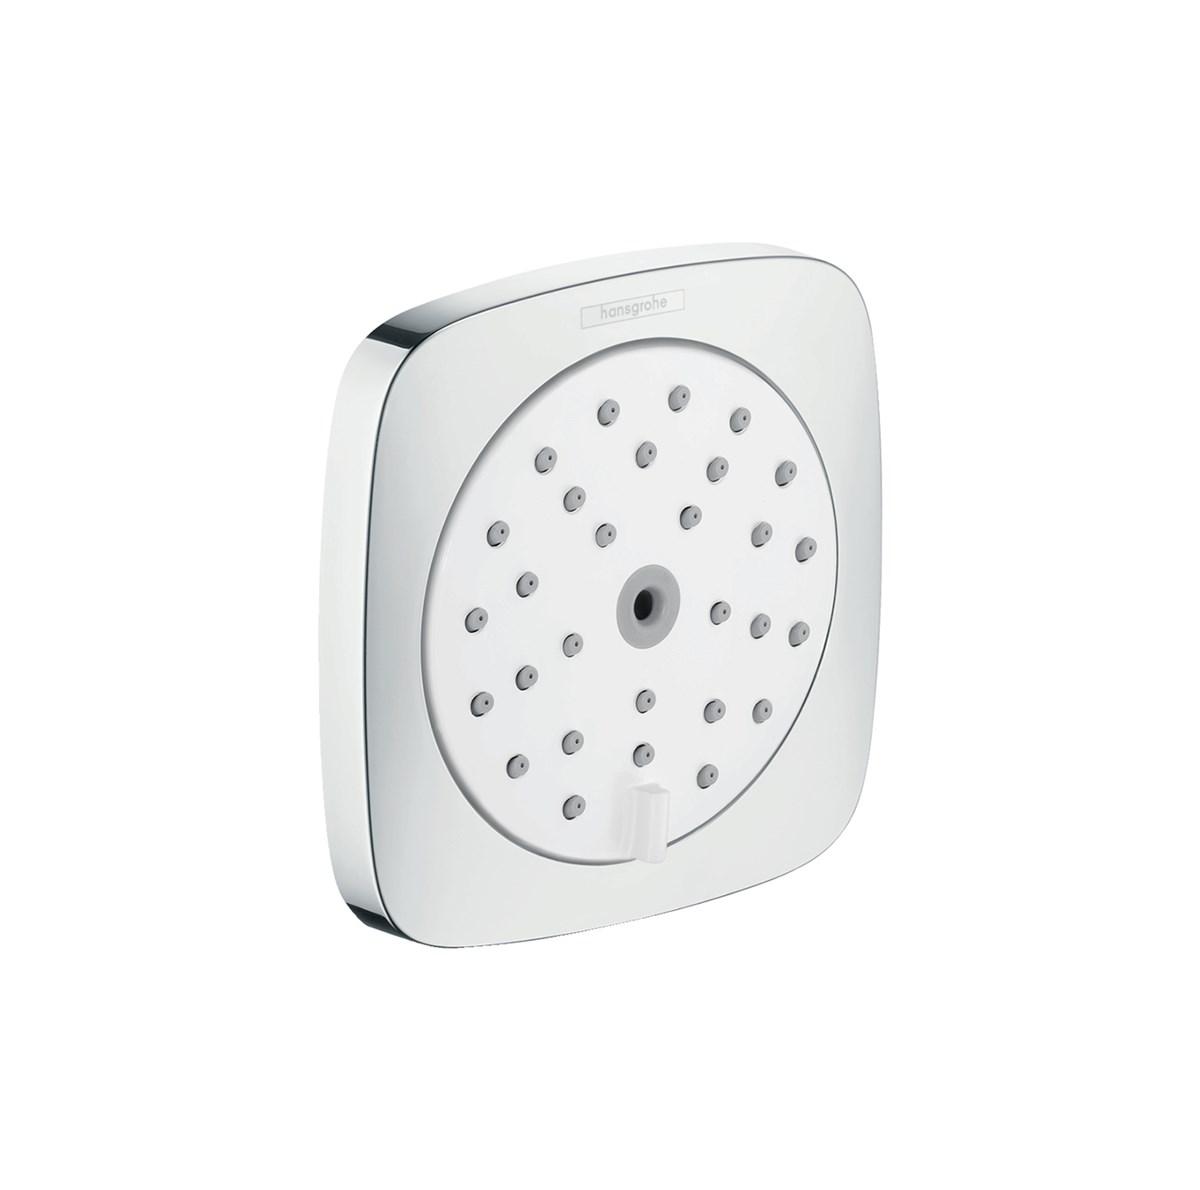 Hansgrohe-PuraVida-Body-Shower-100-28430000-Matisse-1